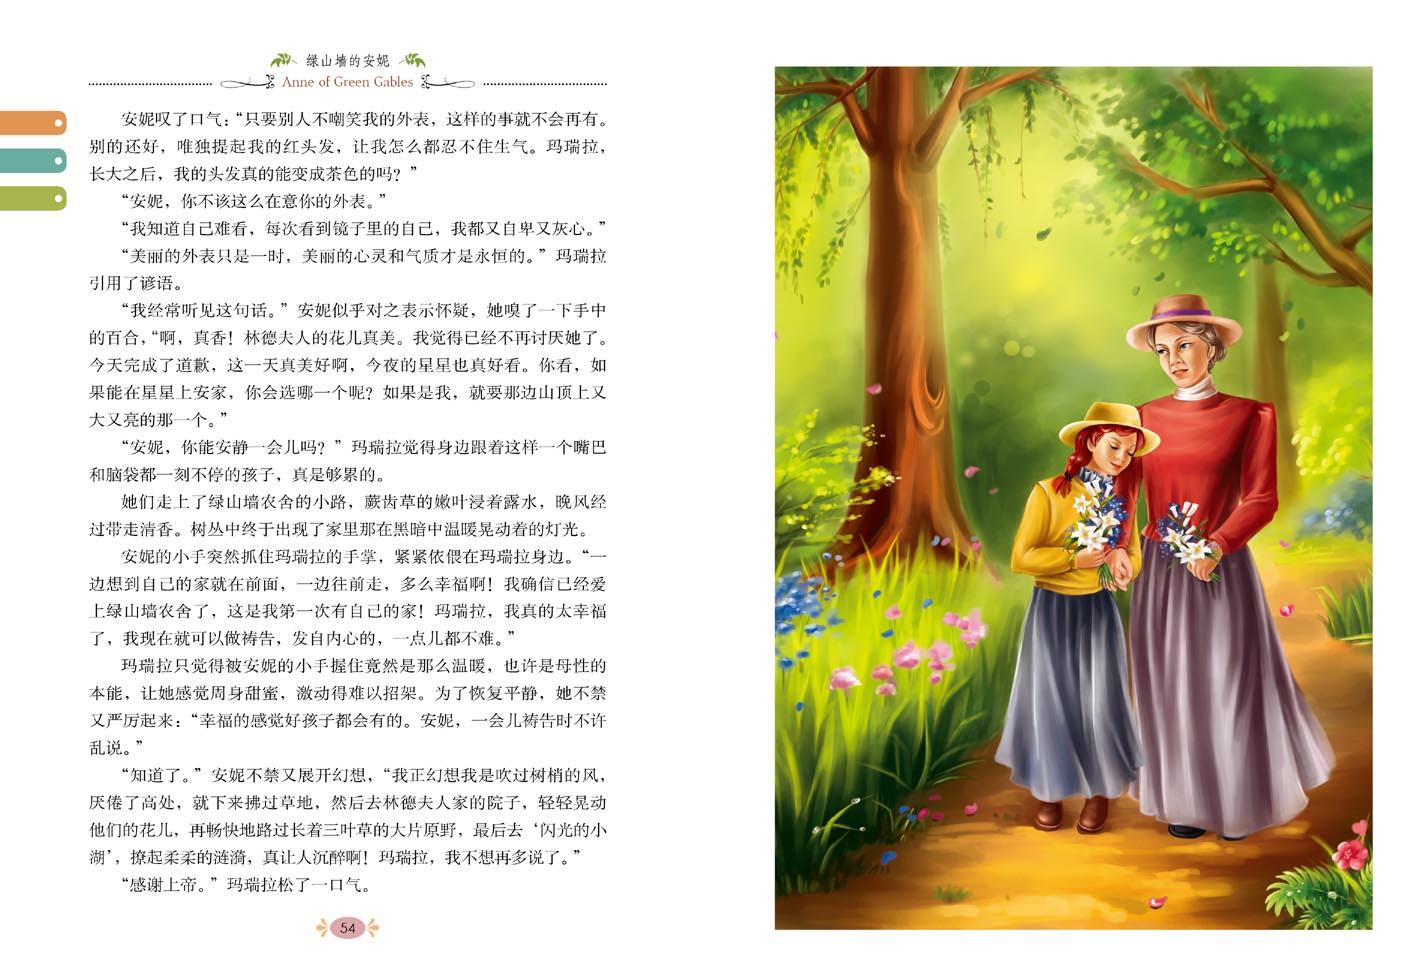 绿山墙的安妮图片大全 绿山墙的安妮素描大全 绿山墙的安妮ppt